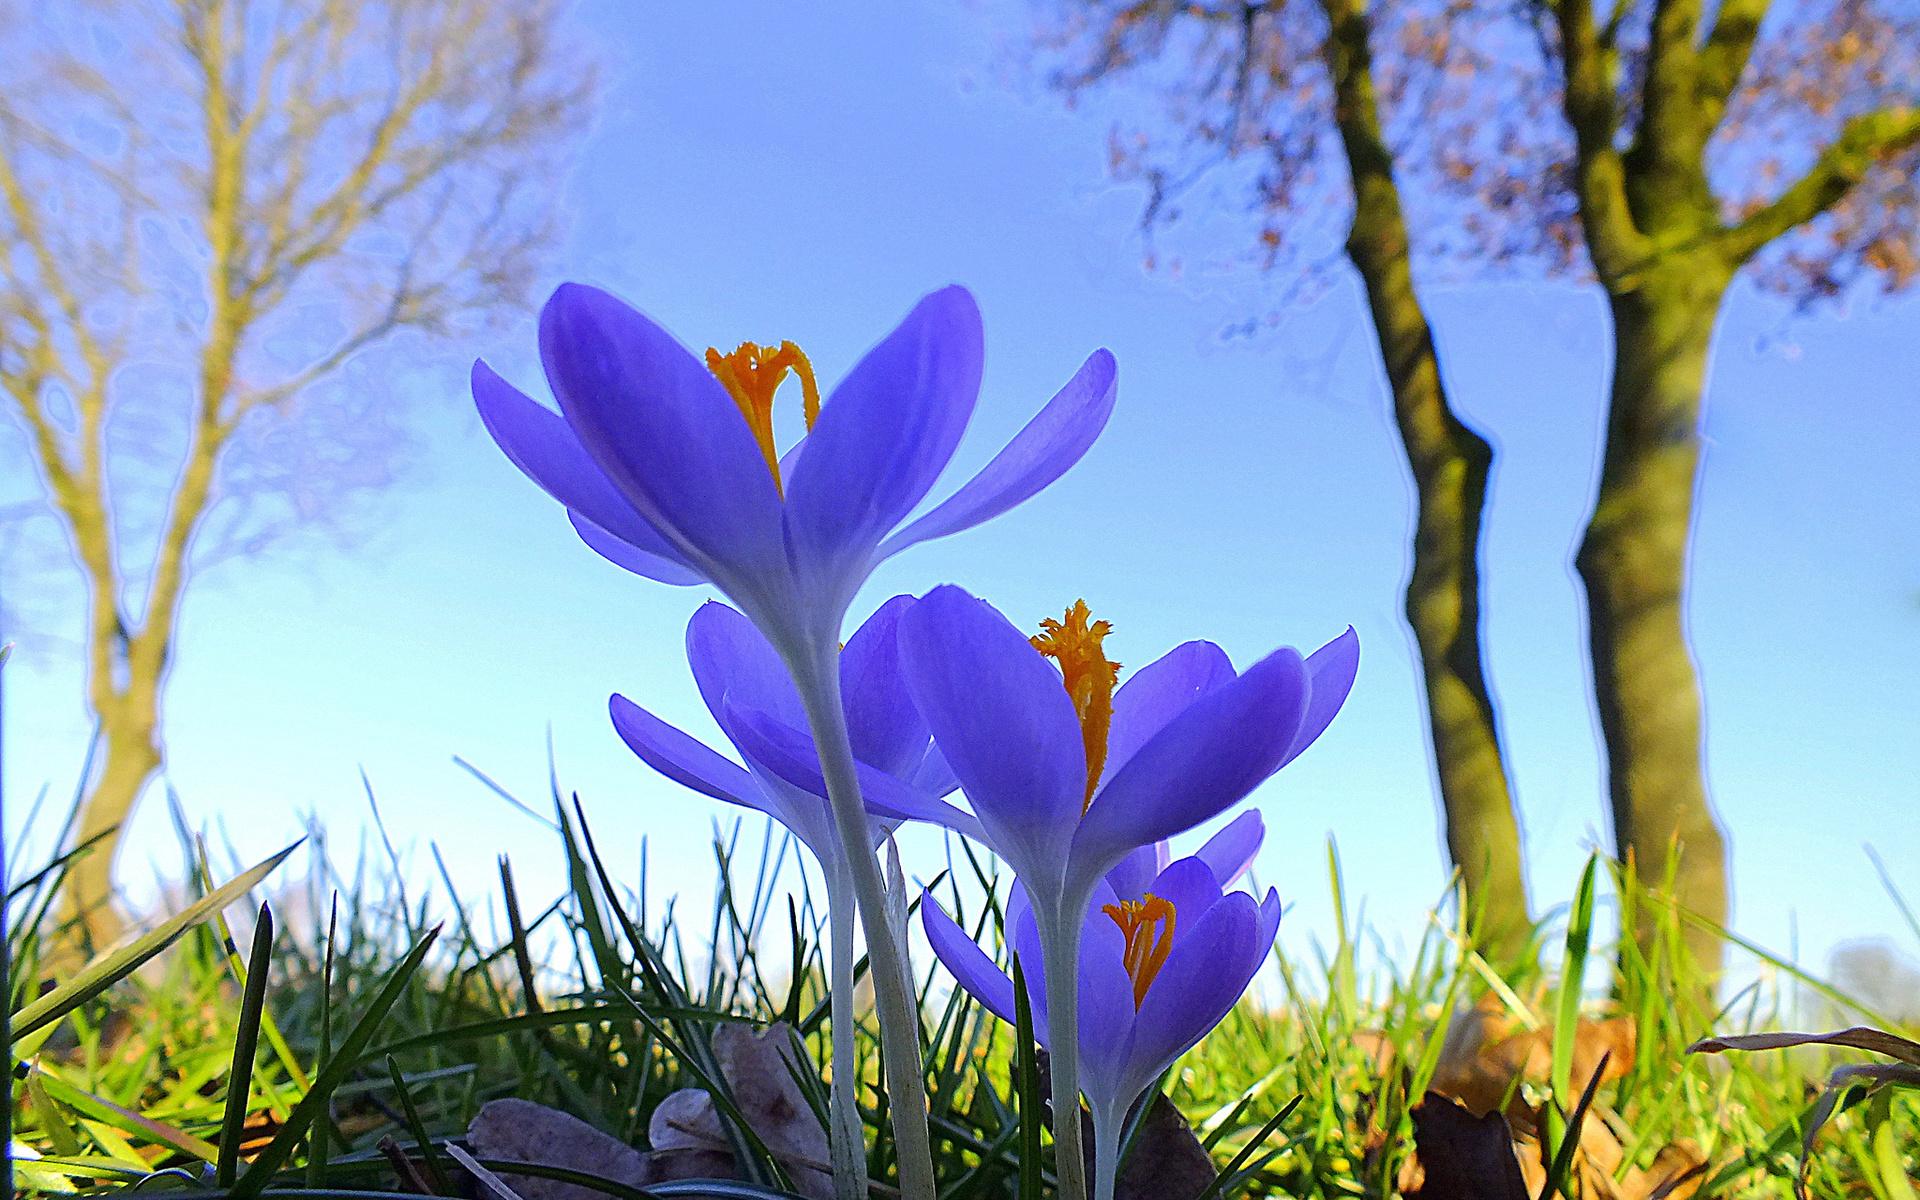 Весна фото картинки весенние пейзажи цветы природа